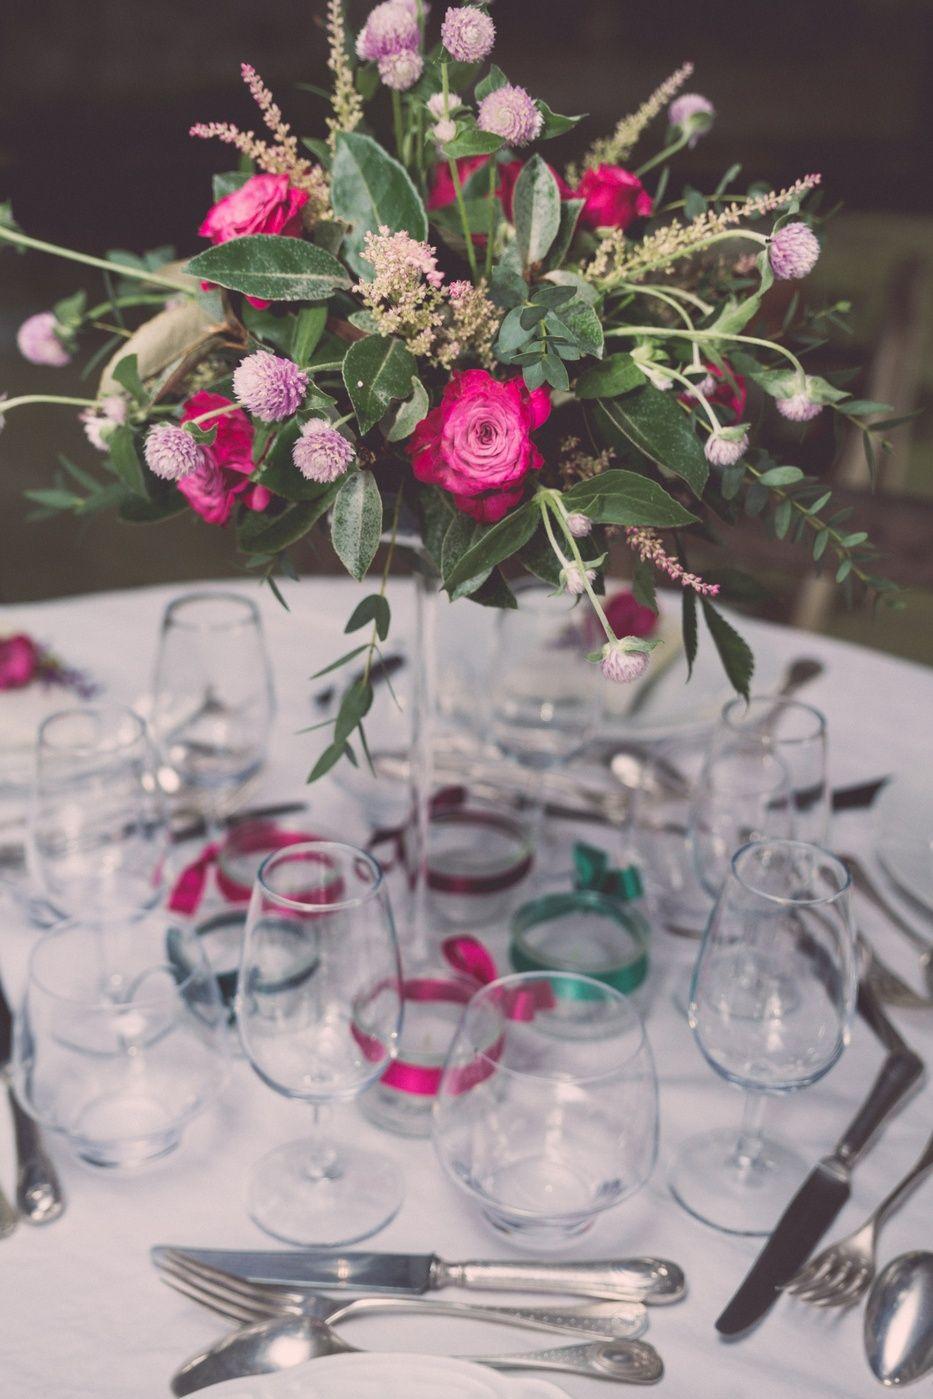 Automn Wedding Centerpiece - Centre de table d'Automne : Lily Paloma - Photographe : La Femme Gribouillage